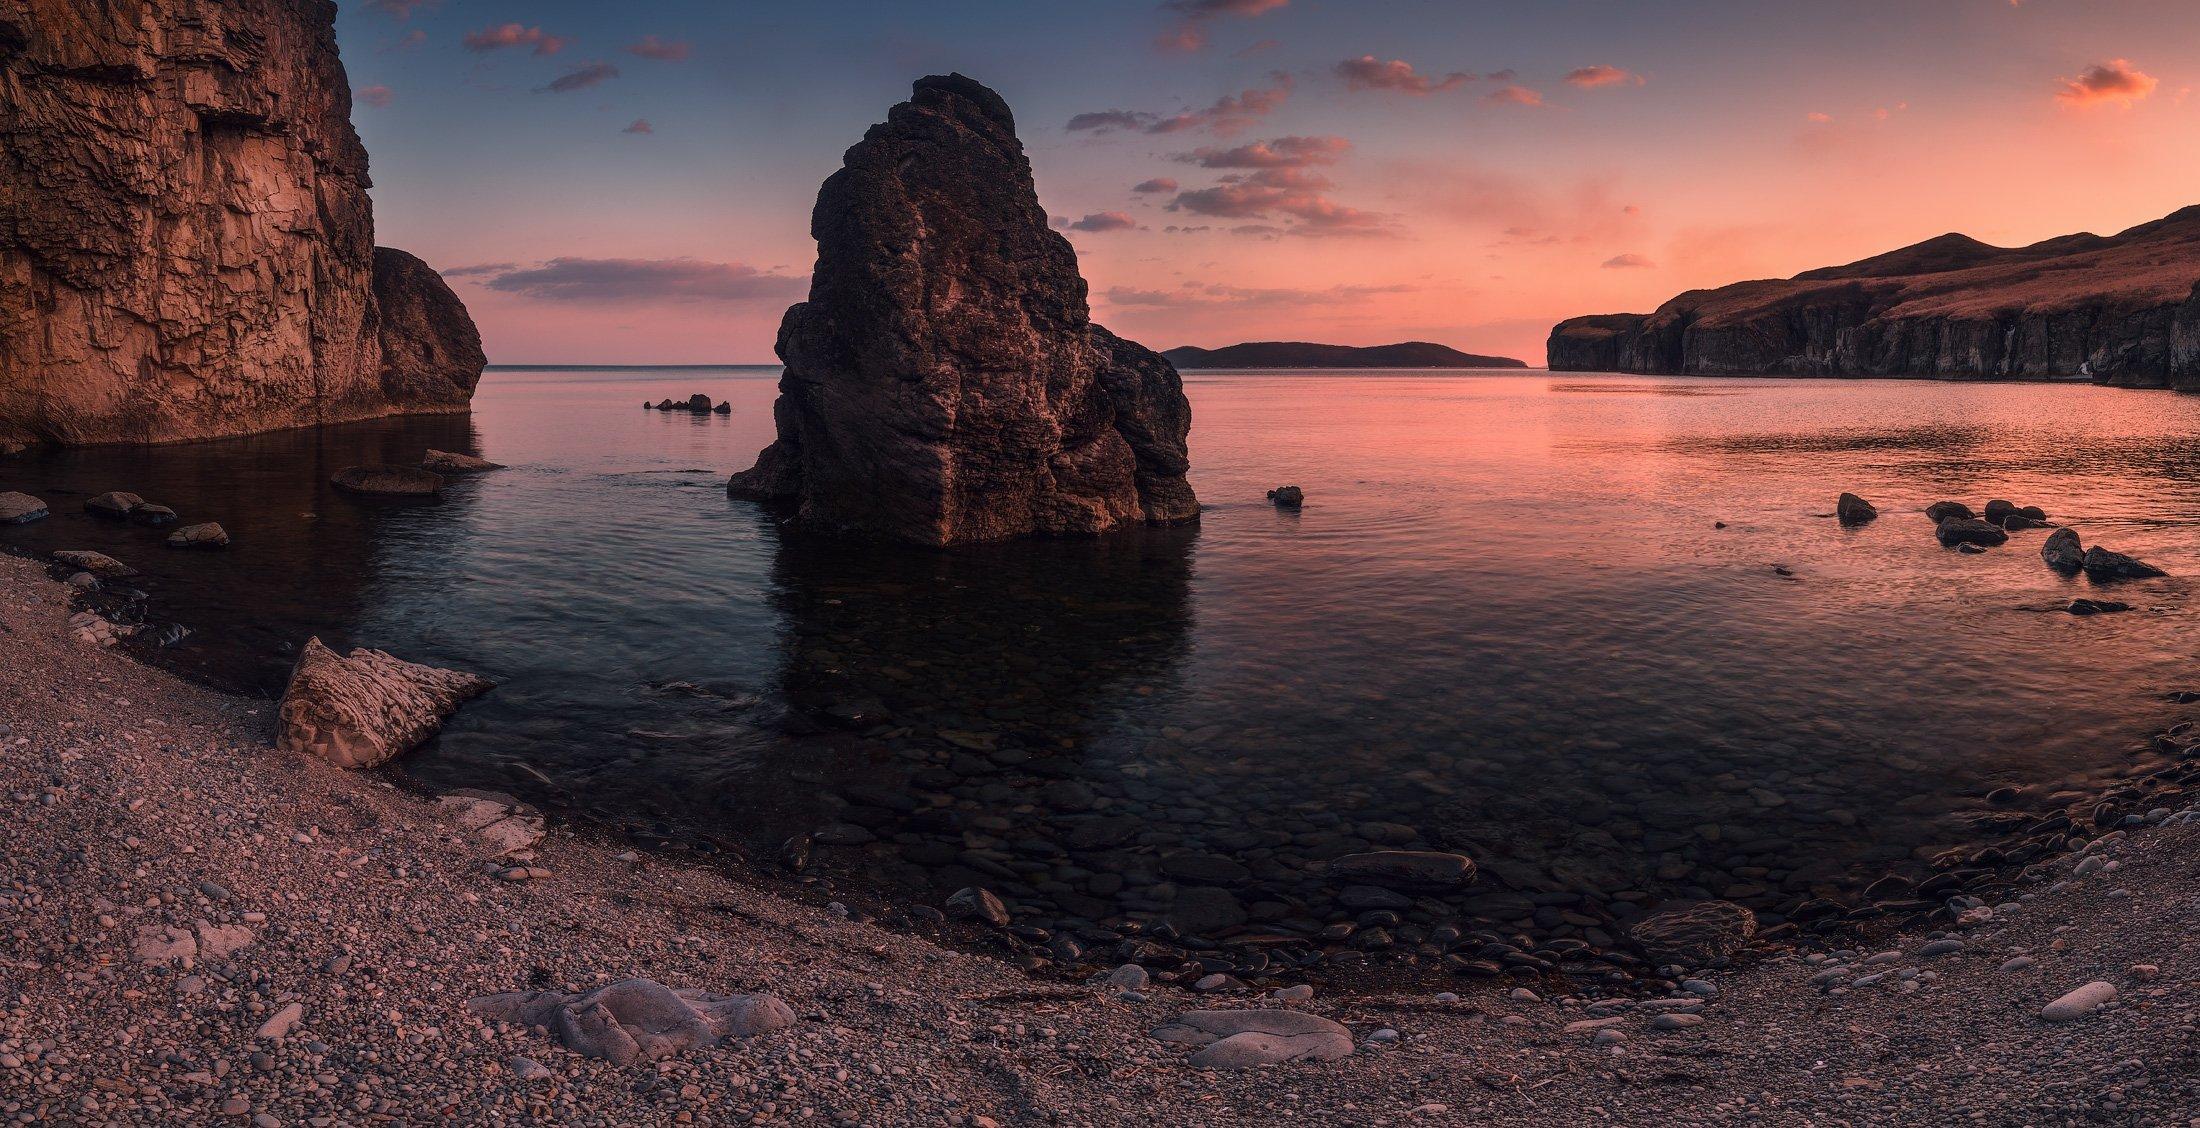 панорама, весна, вечер, море, скалы, камни, Андрей Кровлин